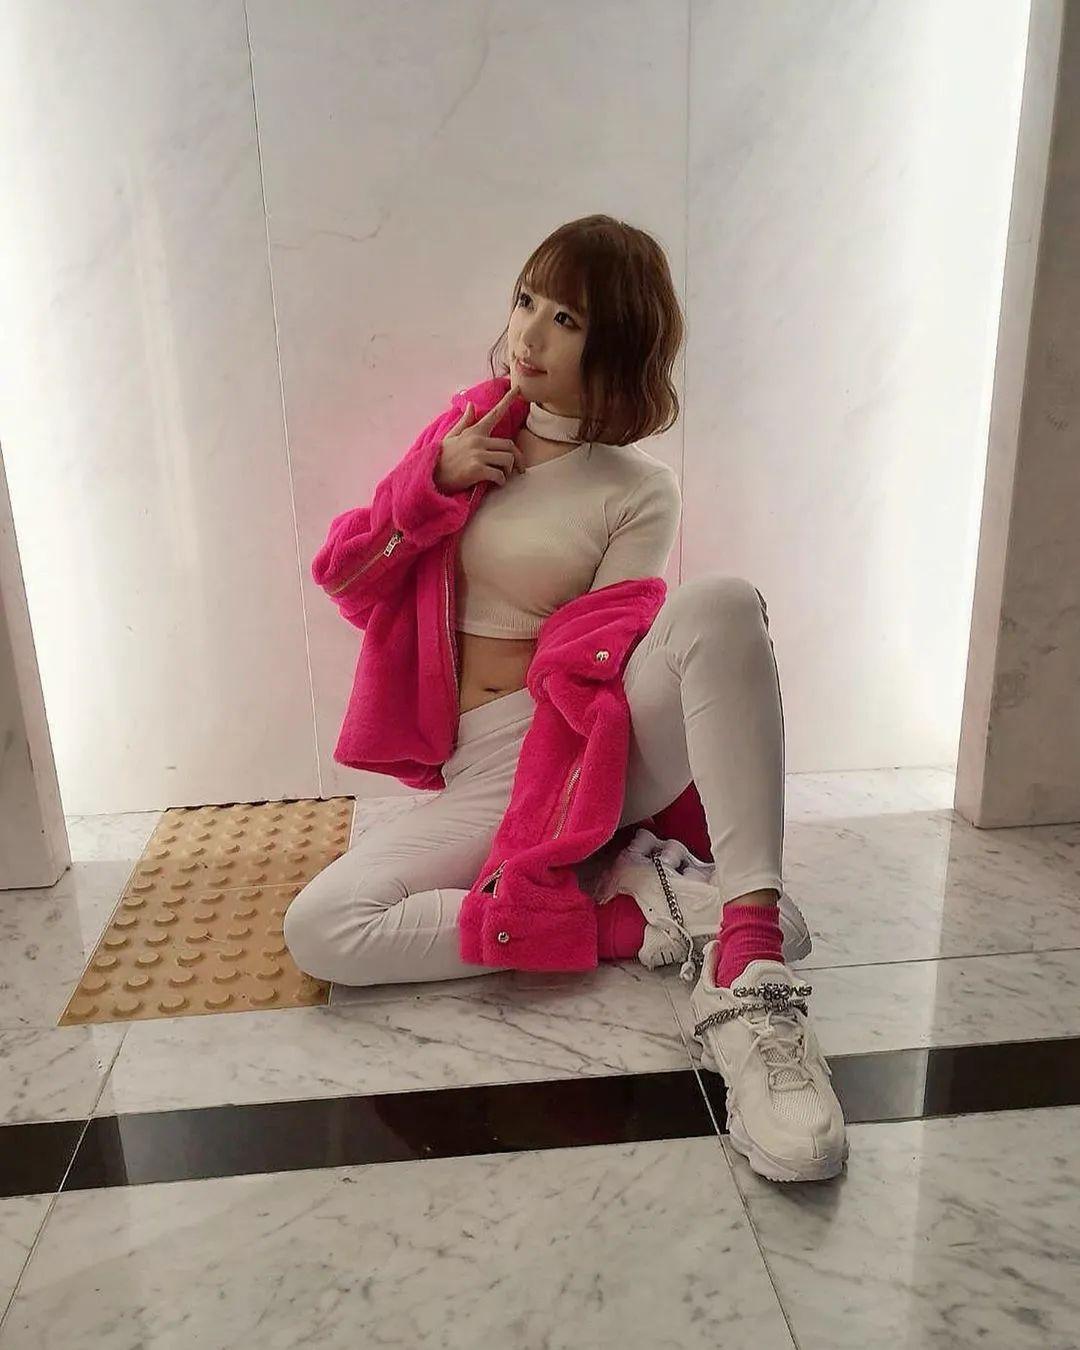 波多野结衣上脚Nike小皇帝,最喜欢Supreme的女优实锤了!